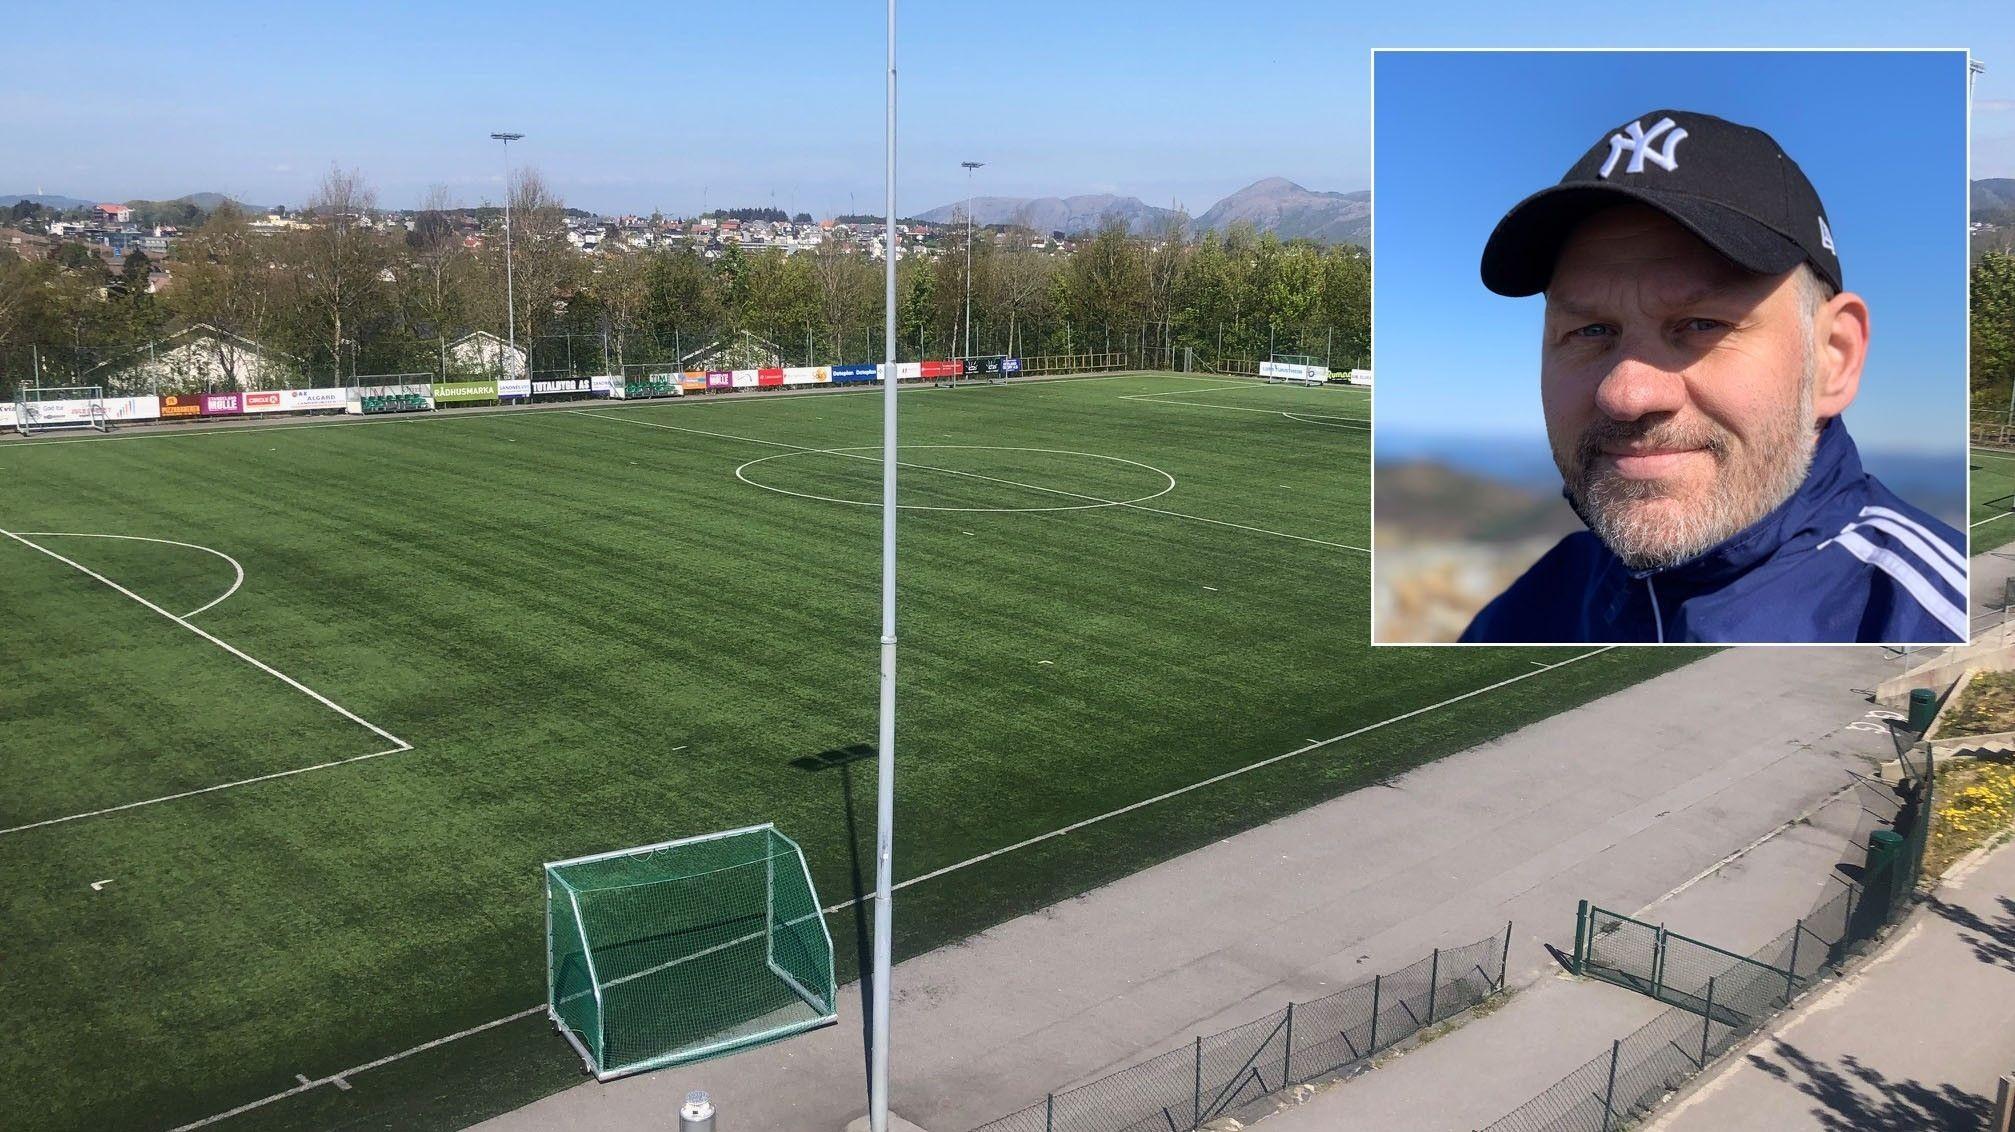 Jone Vegard Thorsenhar har vært trener og daglig leder i Sandved IL i Sandnes i til sammen seks år. Nå håper han å få bygget et nytt klubbhus finansiert av dugnadspenger.